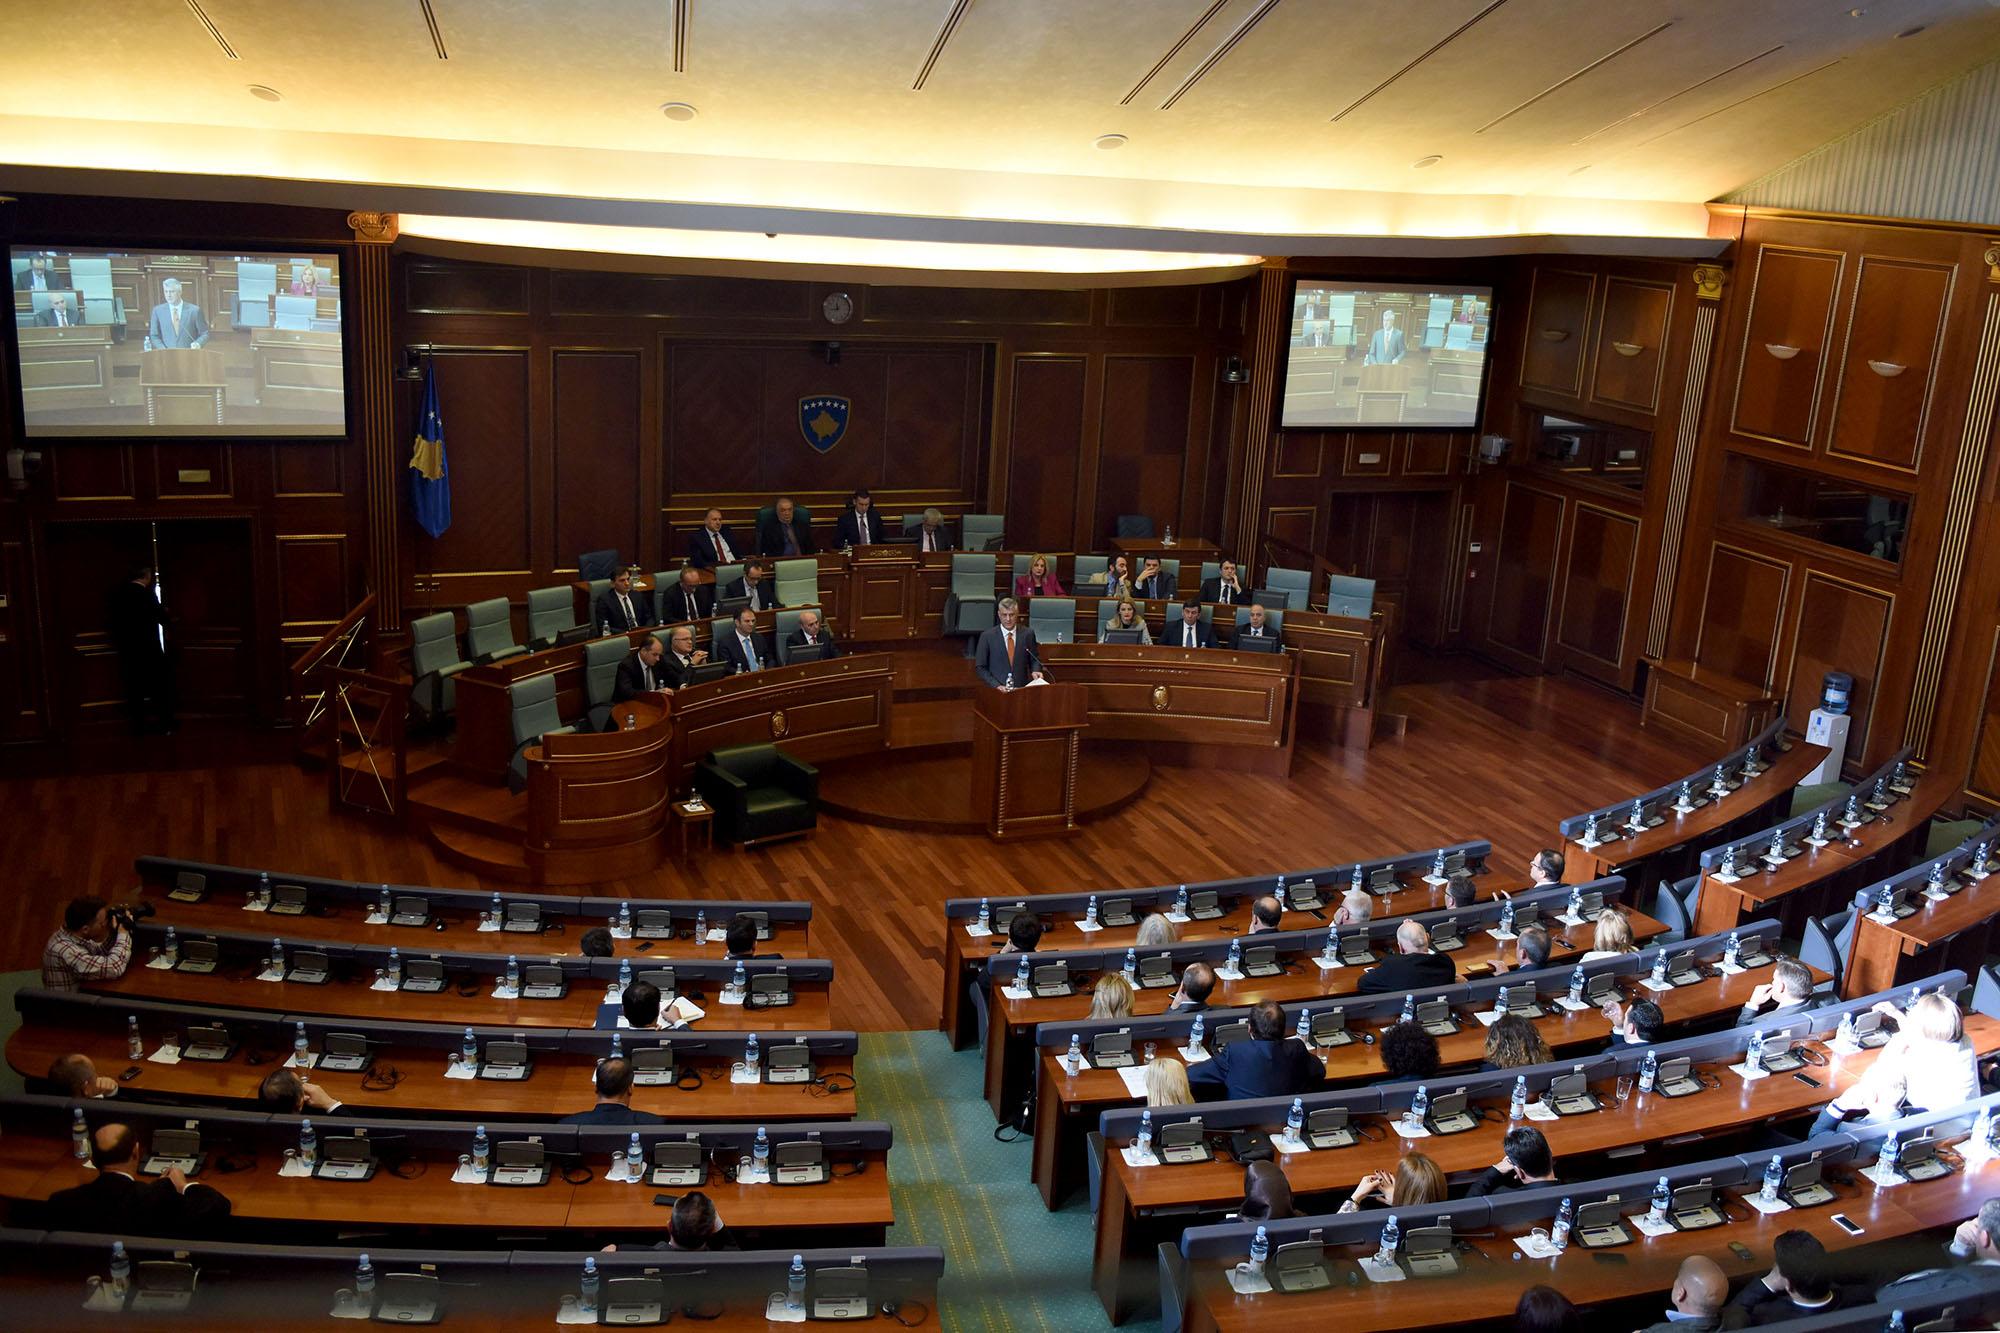 Fjalimi i plotë i presidentit Hashim Thaçi, në Kuvendin e Republikës së Kosovës